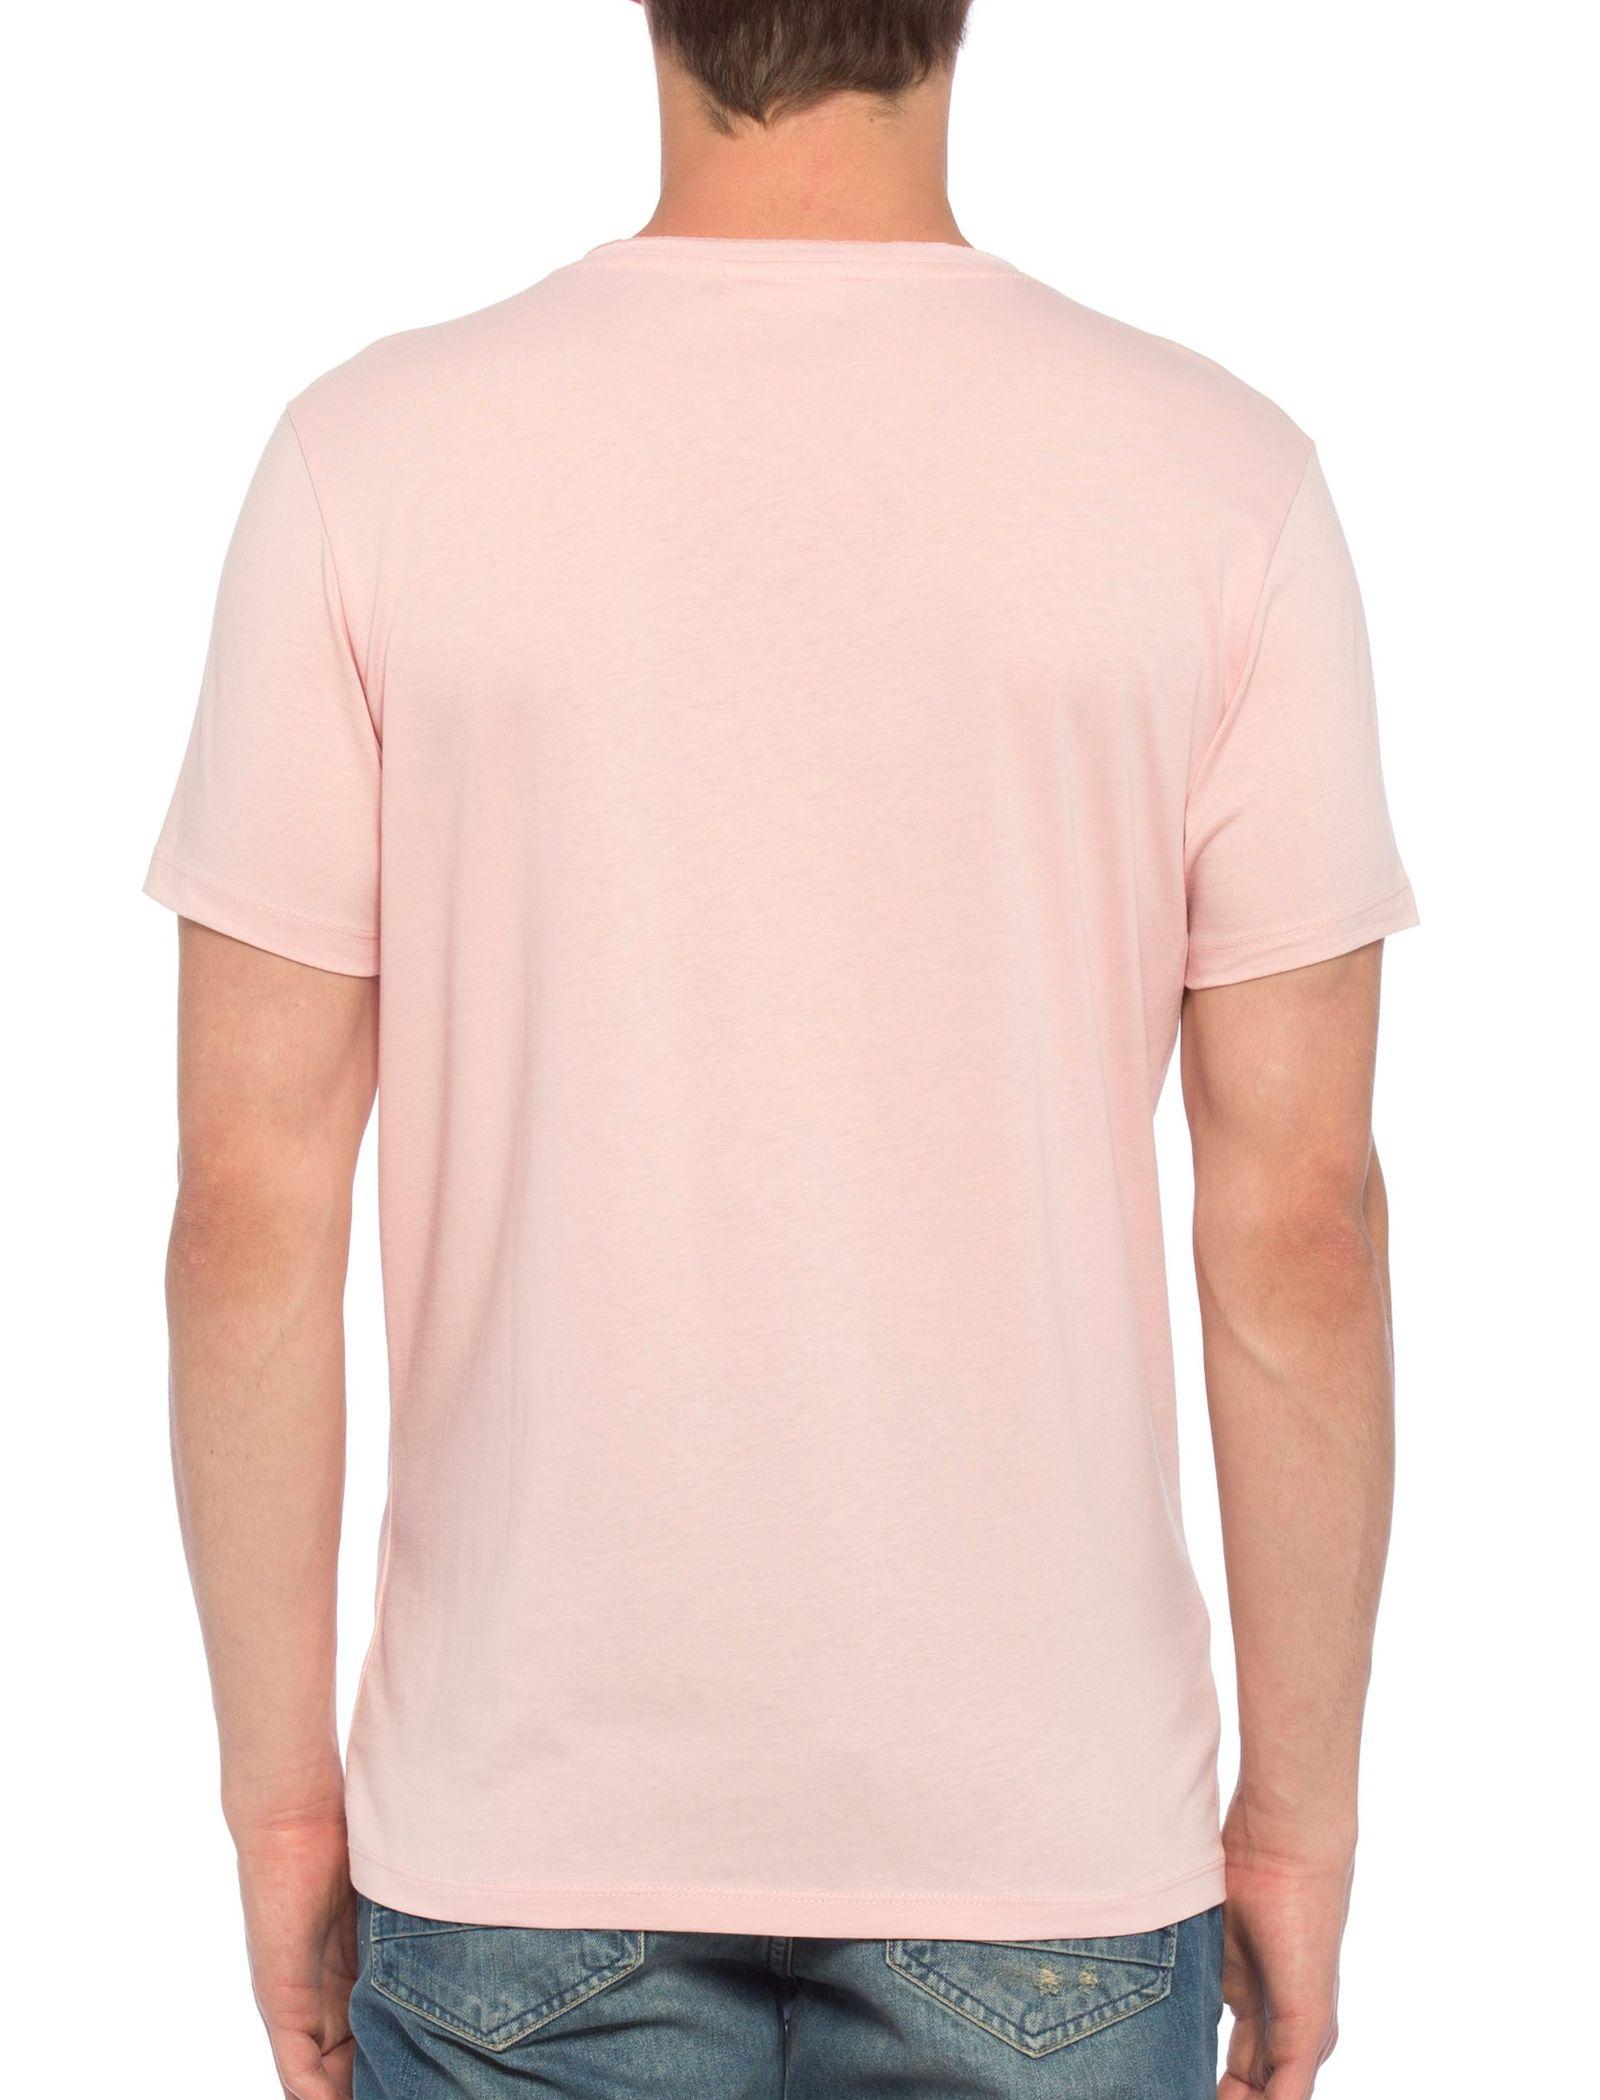 تی شرت نخی یقه گرد مردانه - ال سی وایکیکی - صورتي - 3